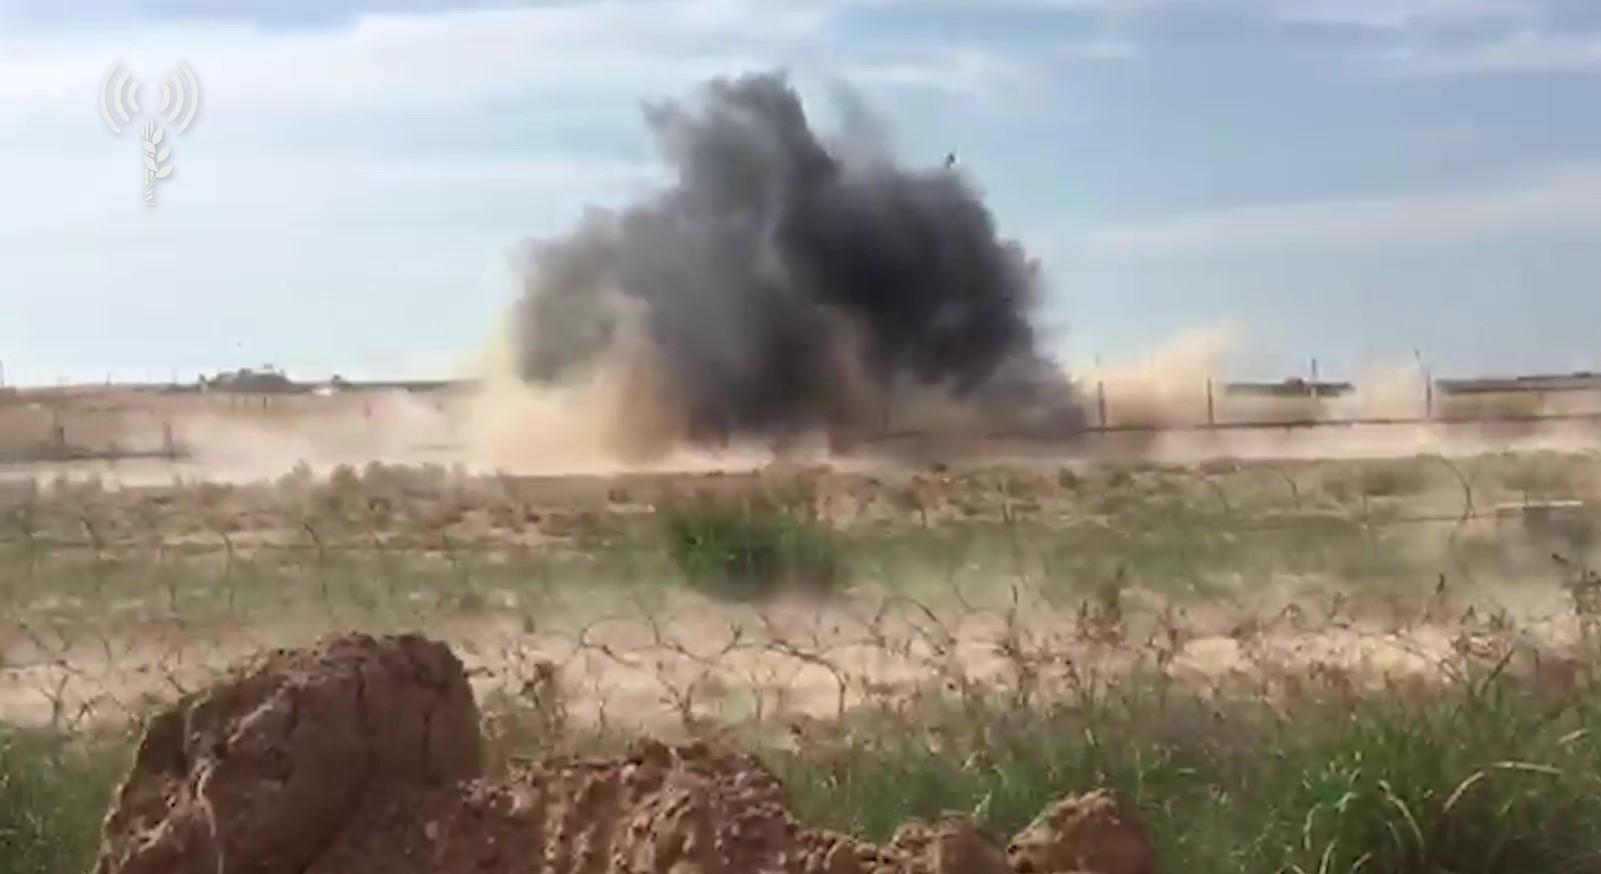 """חמאס ירה פעמיים - צה""""ל הפגיז לו 3 עמדות"""